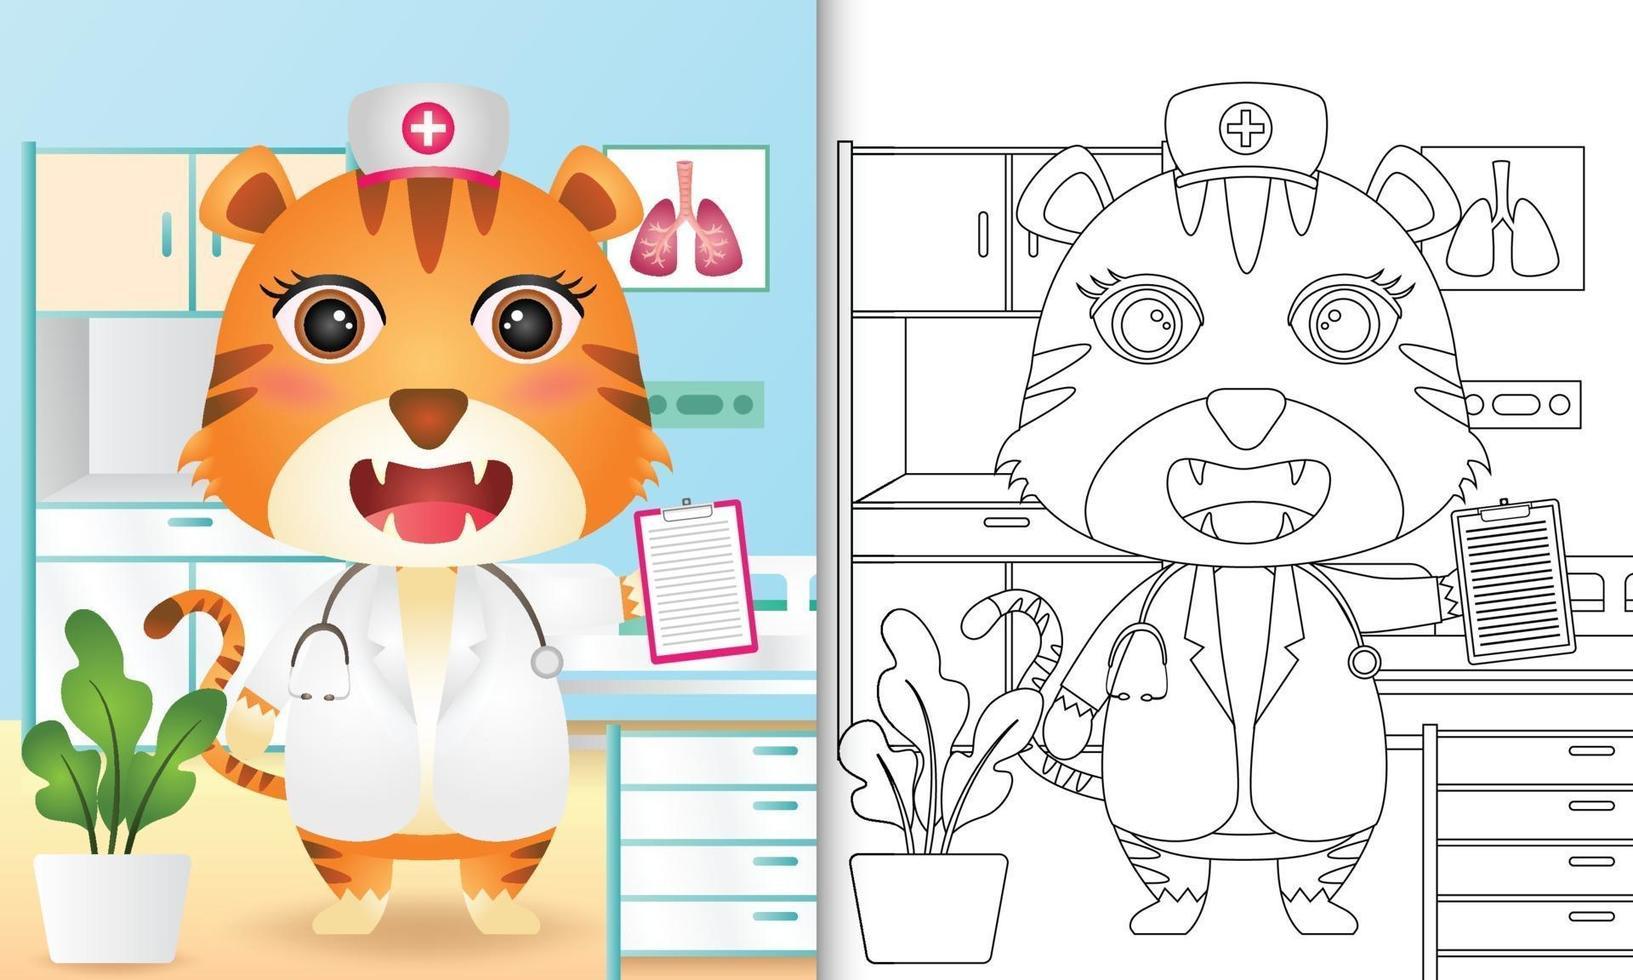 Malbuch für Kinder mit einer niedlichen Tigerkrankenschwester-Charakterillustration vektor